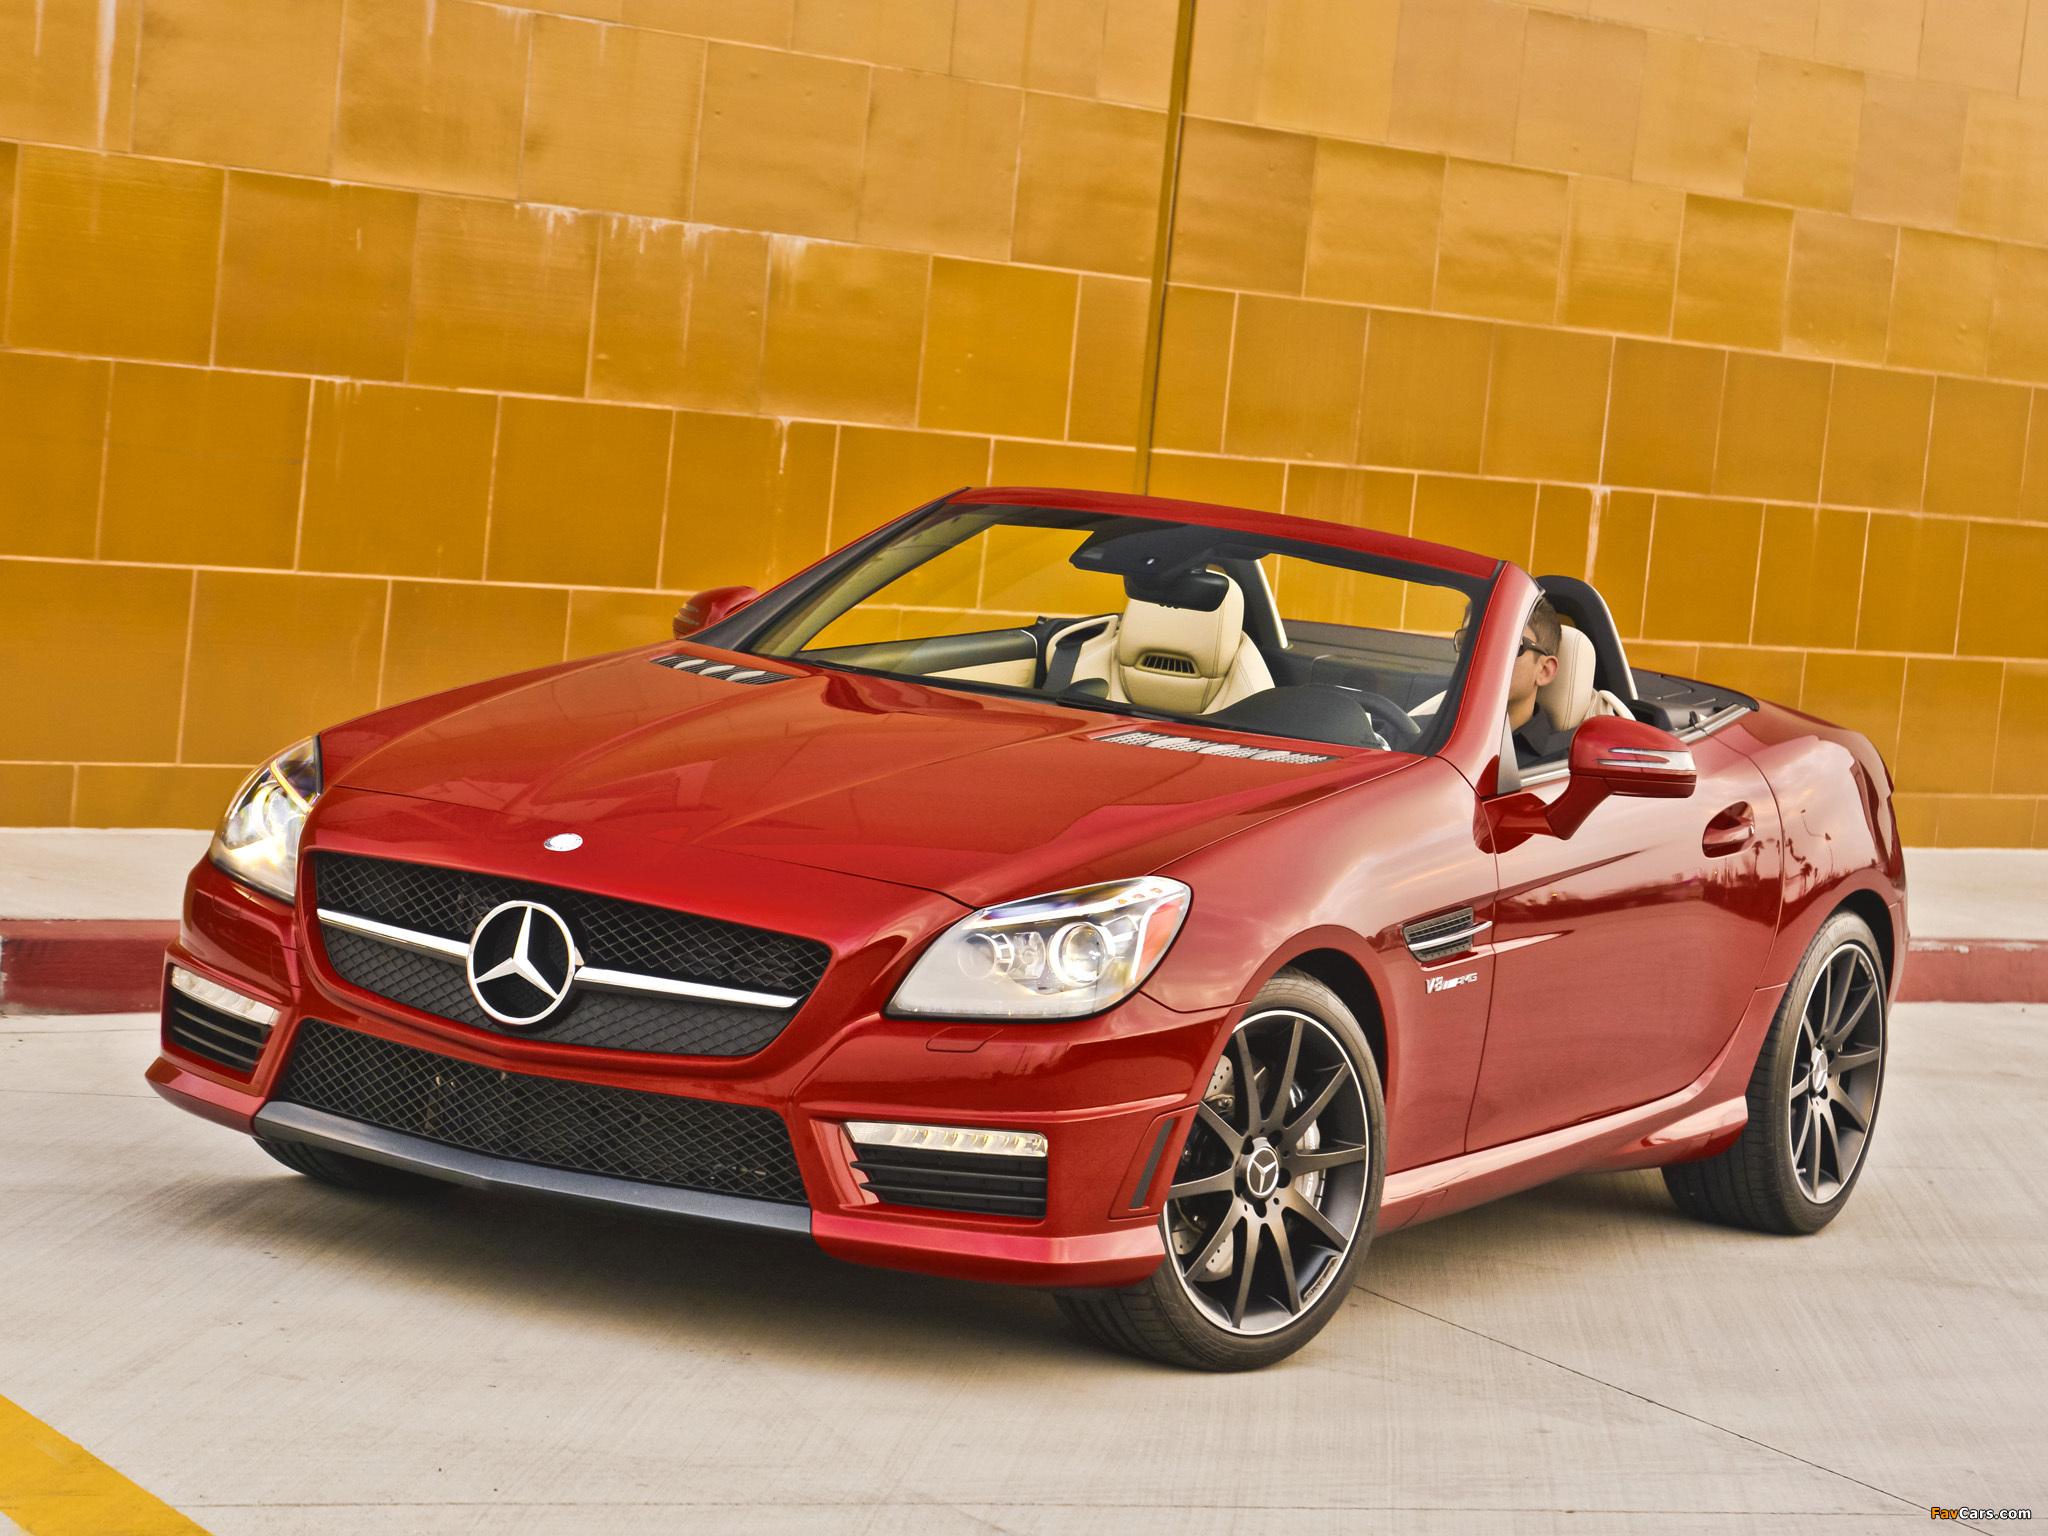 Mercedes benz slk 55 amg us spec r172 2012 pictures for 2012 mercedes benz slk